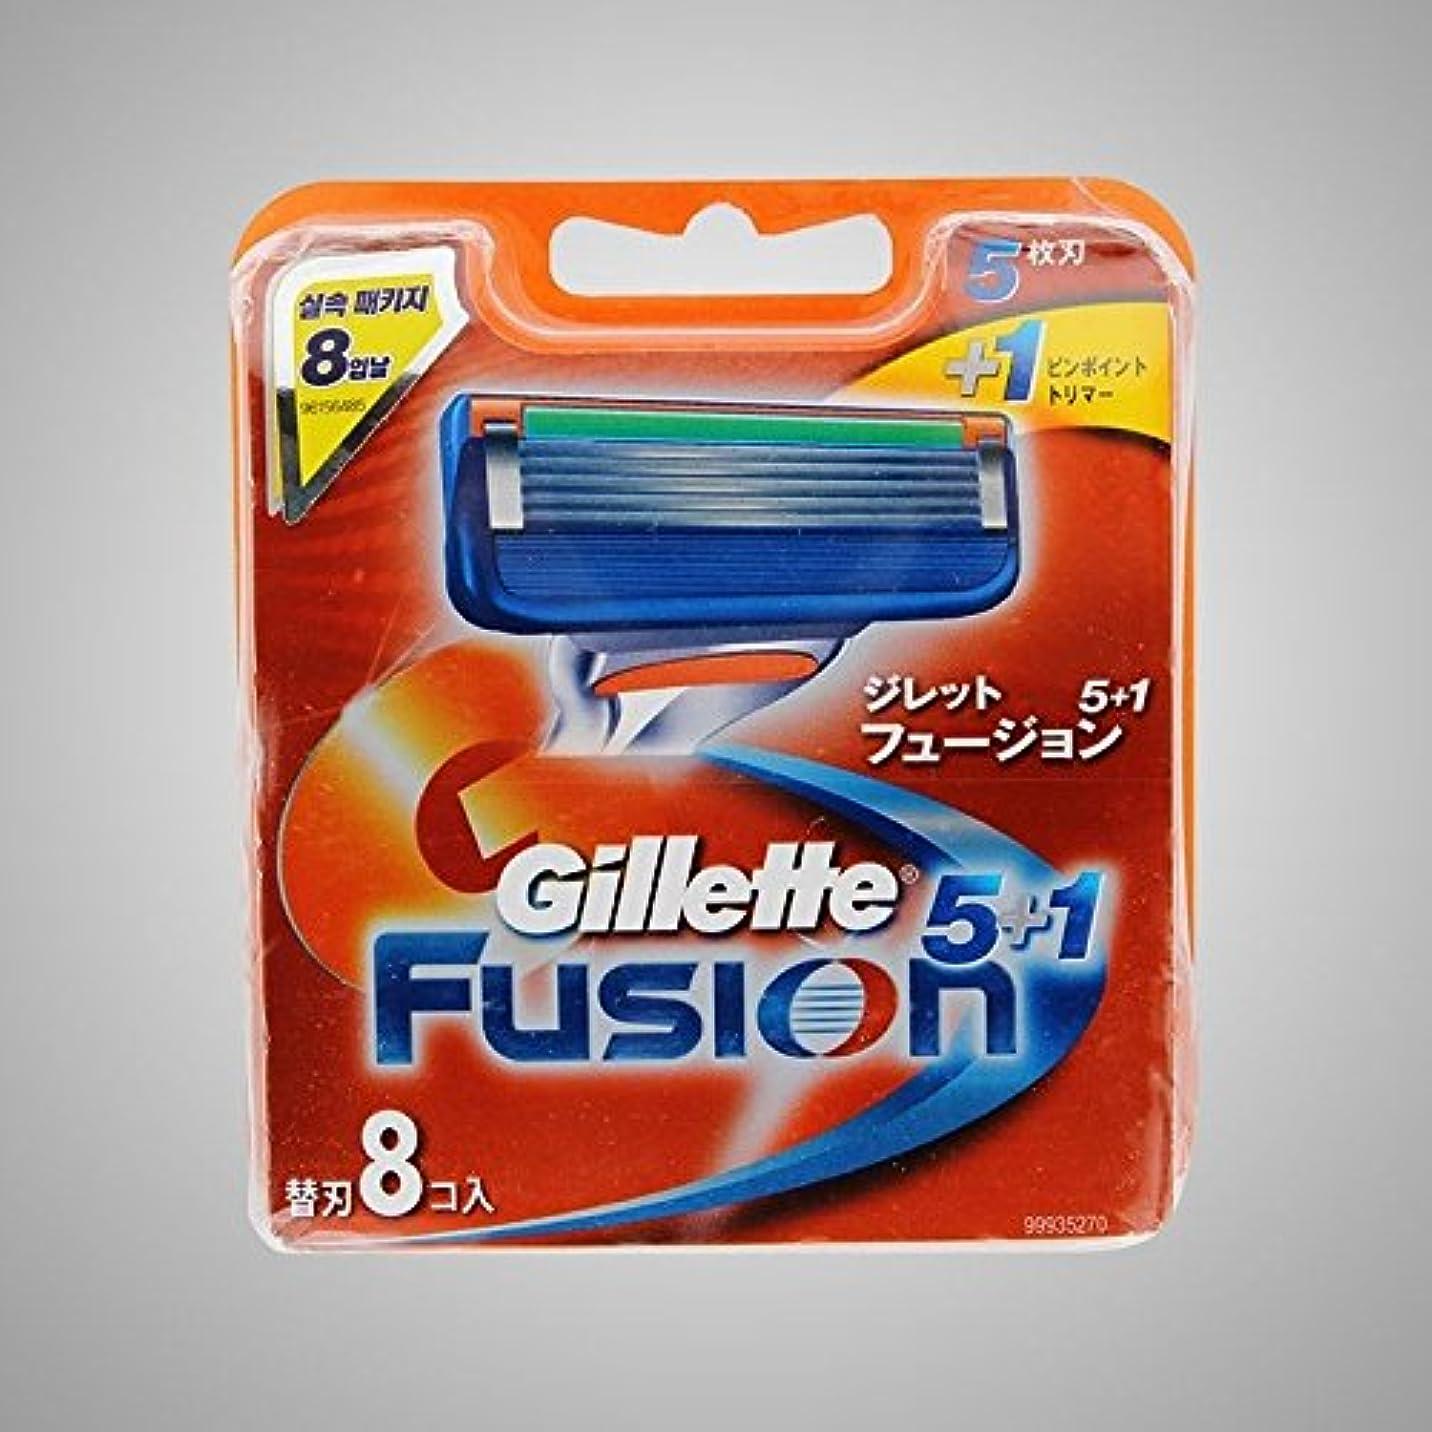 ビジュアル符号意気揚々Gillette Fusion Manual Razor Blades Refills Safety Razor ドイツ製 8 Pack [並行輸入品]